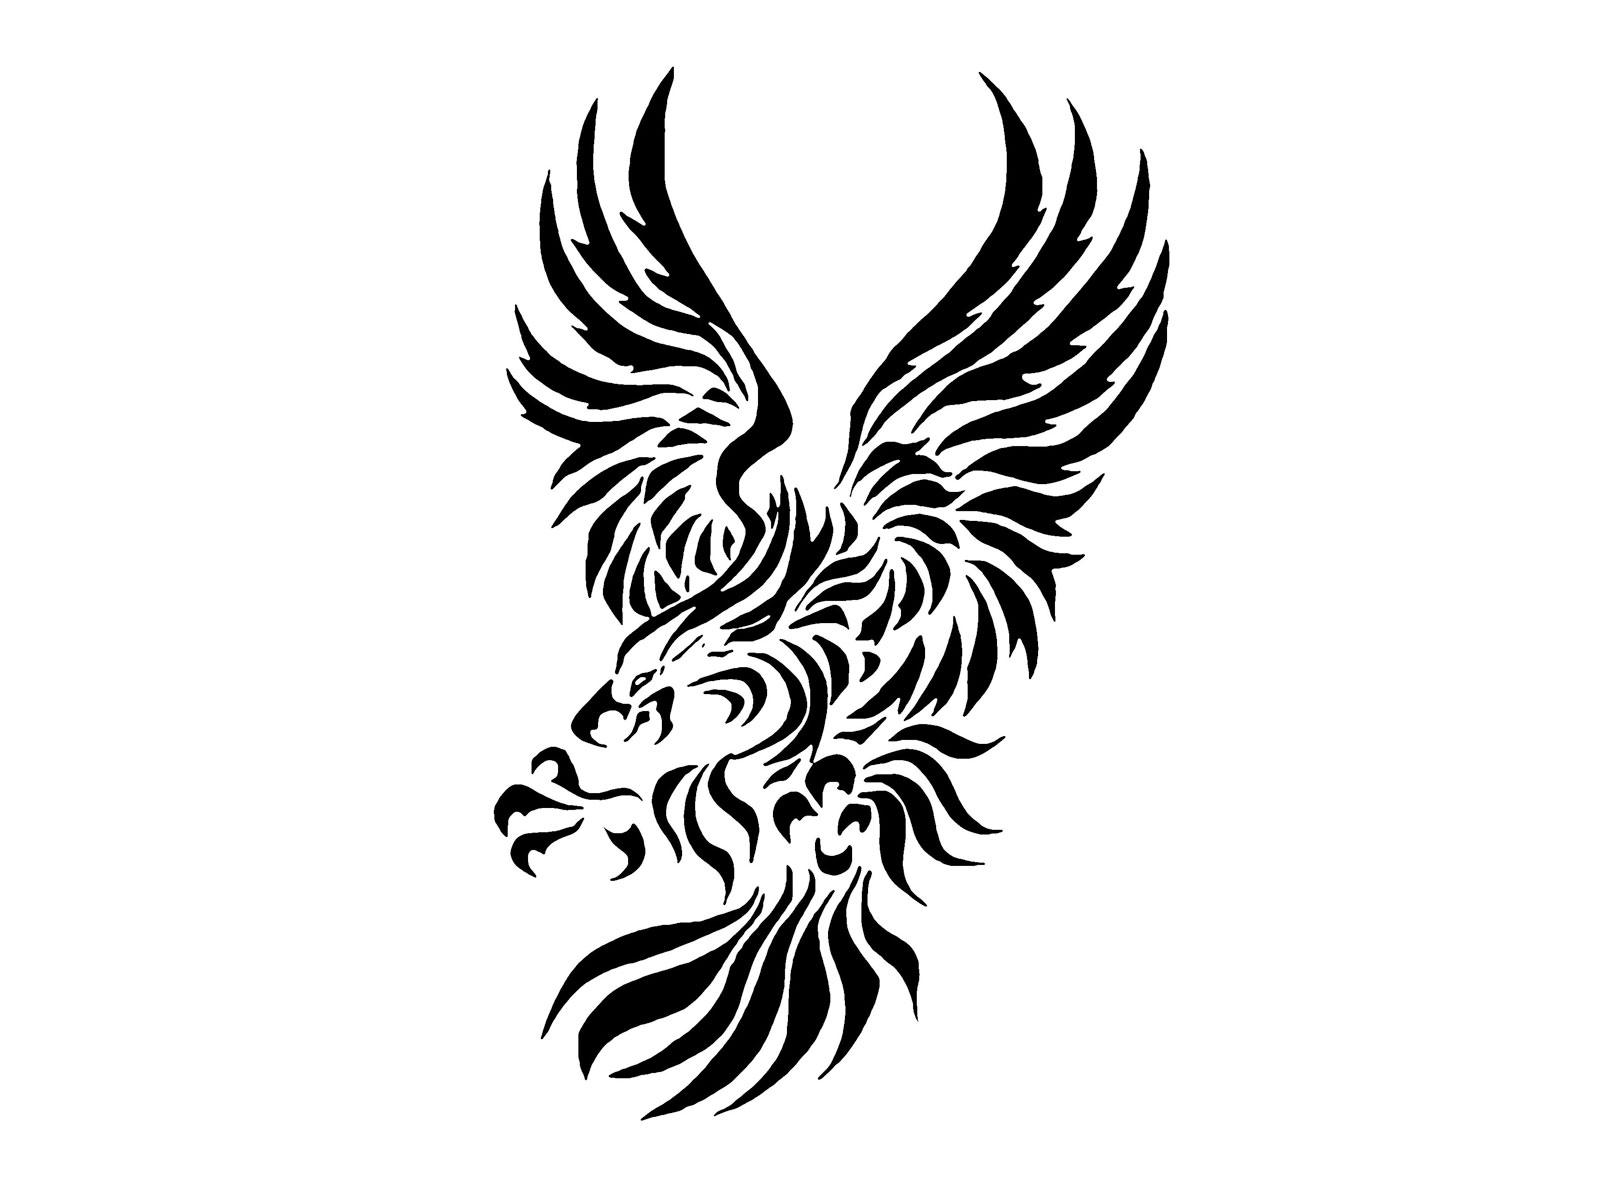 Desenhos De Guias Para Tatoo Tribal Eagle With Big Claws Tattoo